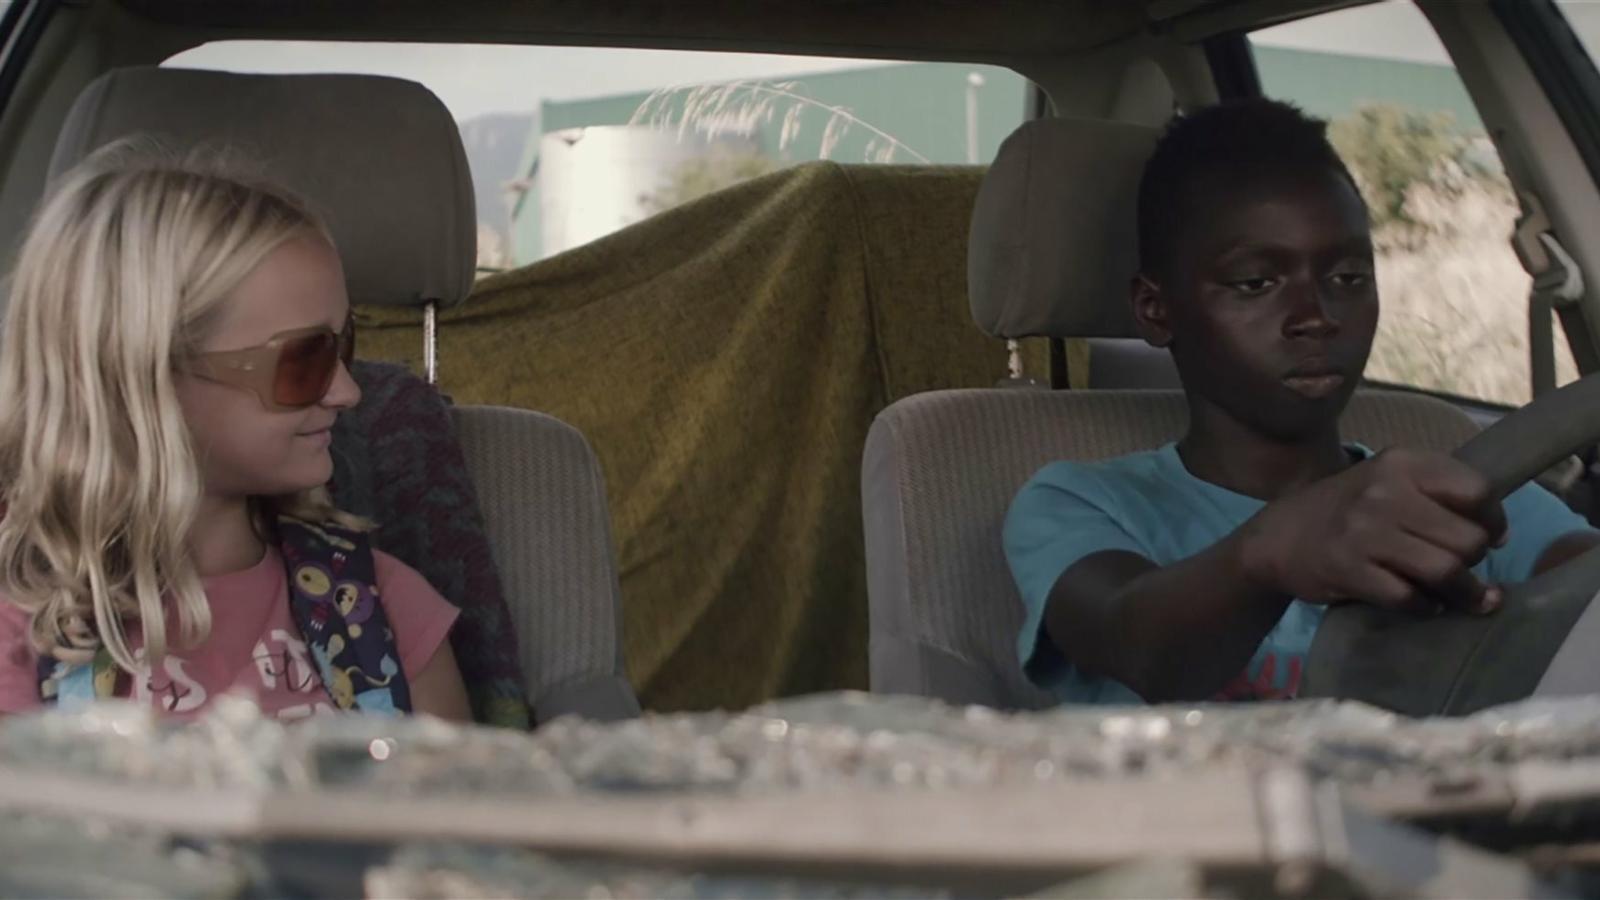 Després d'estrenar-se a Filmin, 'Pullman' continuarà el seu periple per festivals